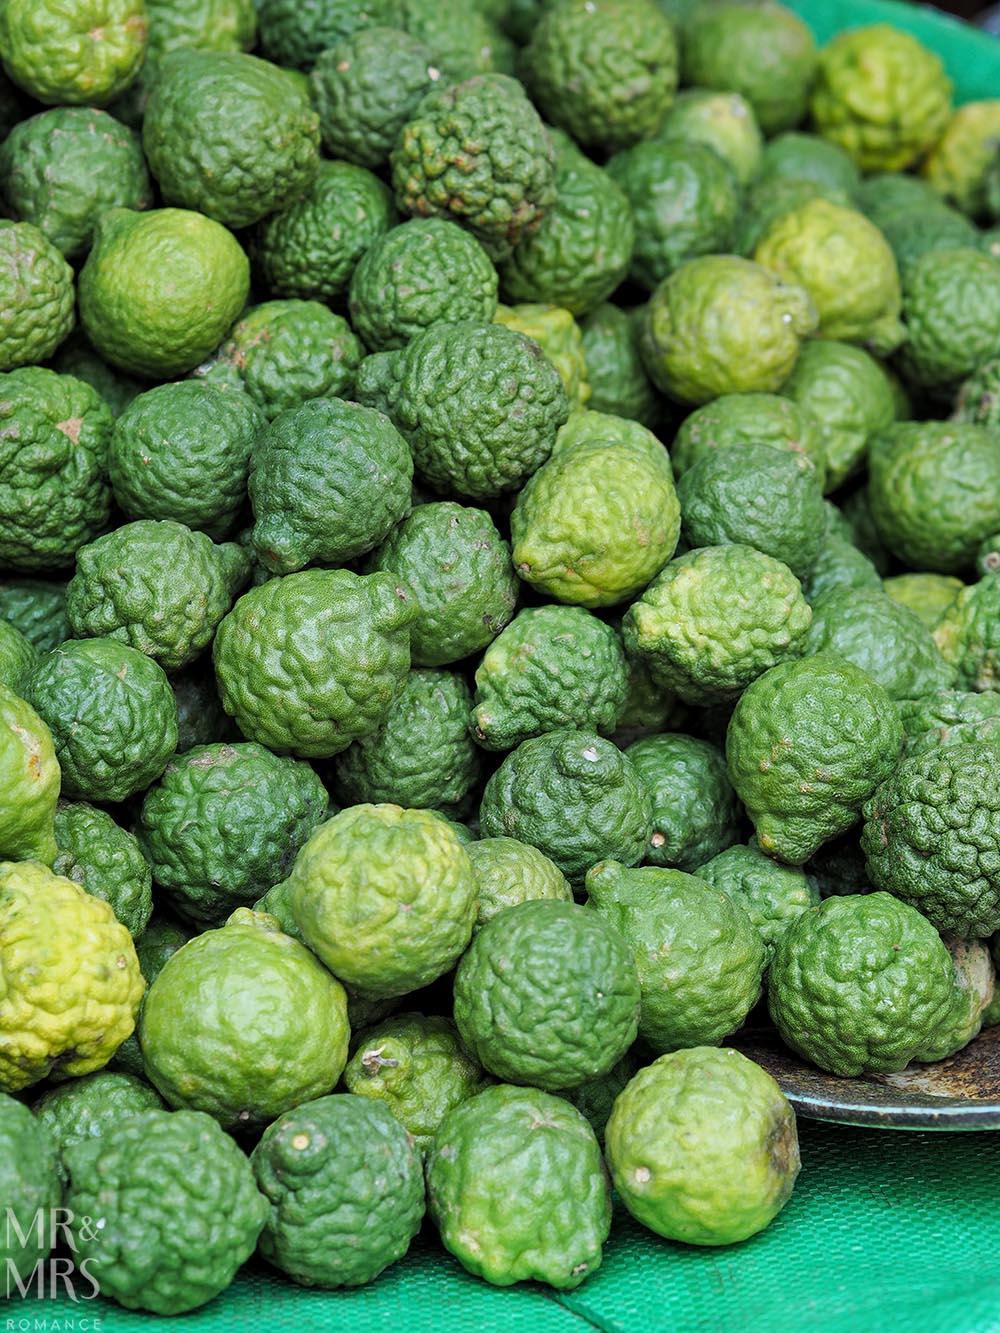 Bangkok Flower Market - kaffir limes